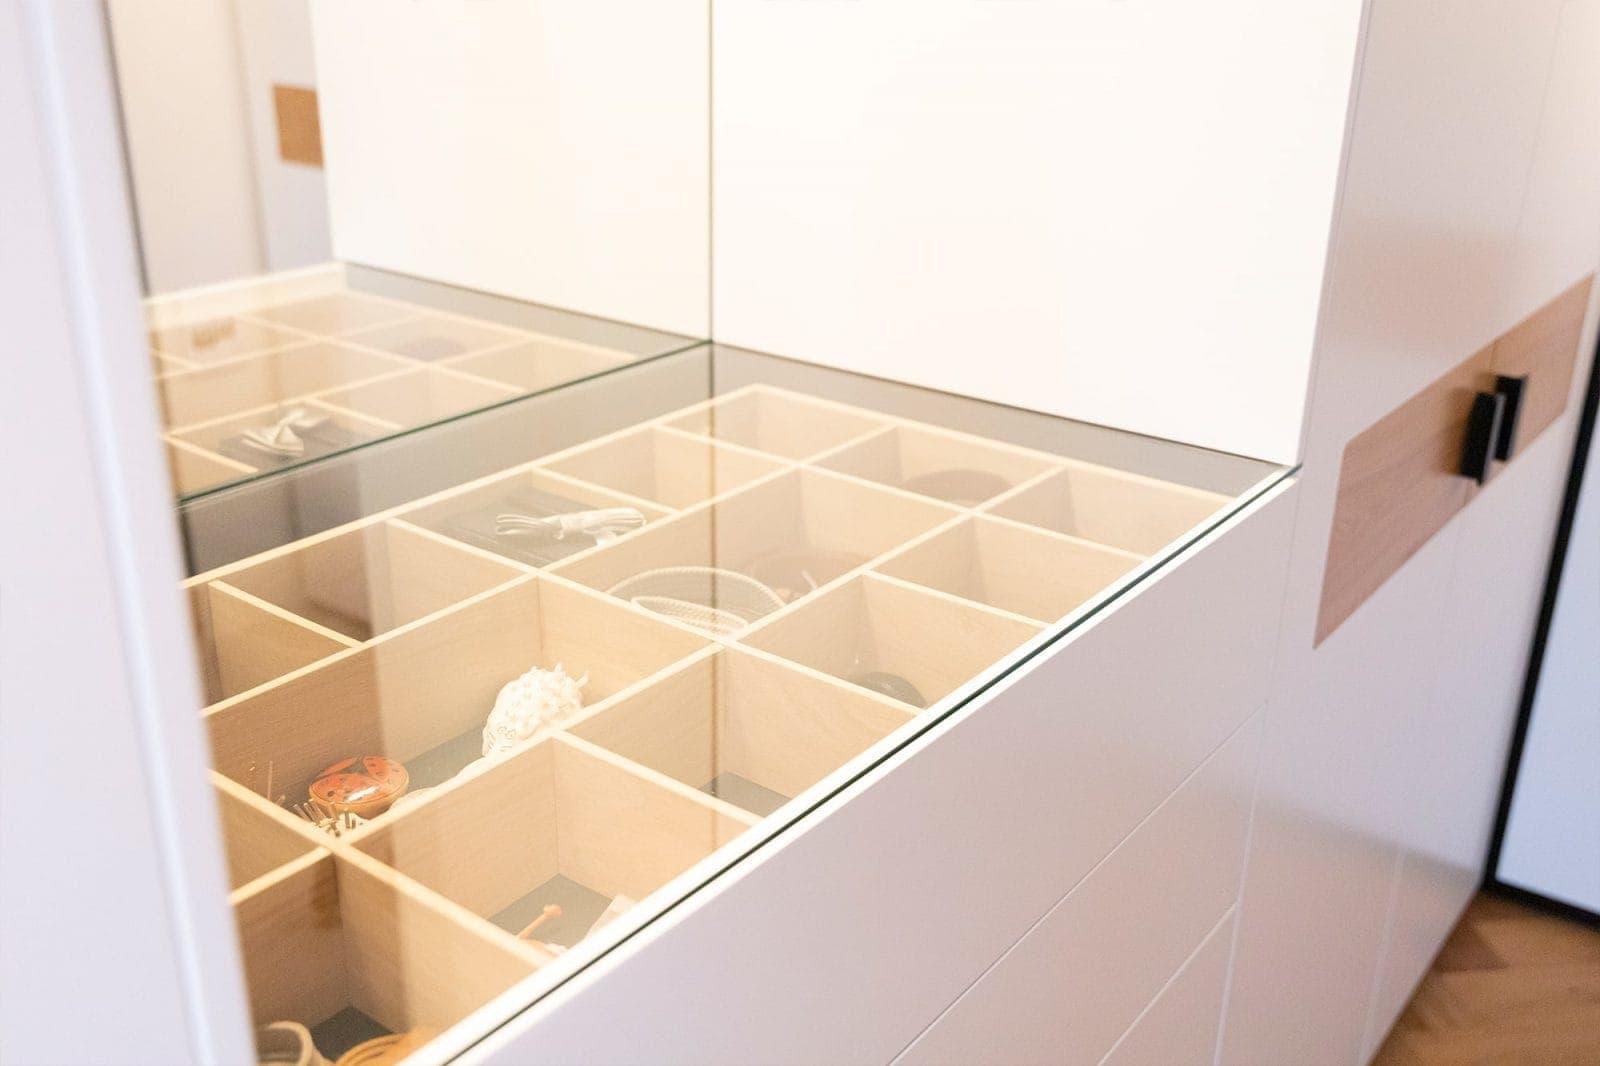 Atelier19 Inloopkast Op Maat door meubelmaker Rhoon